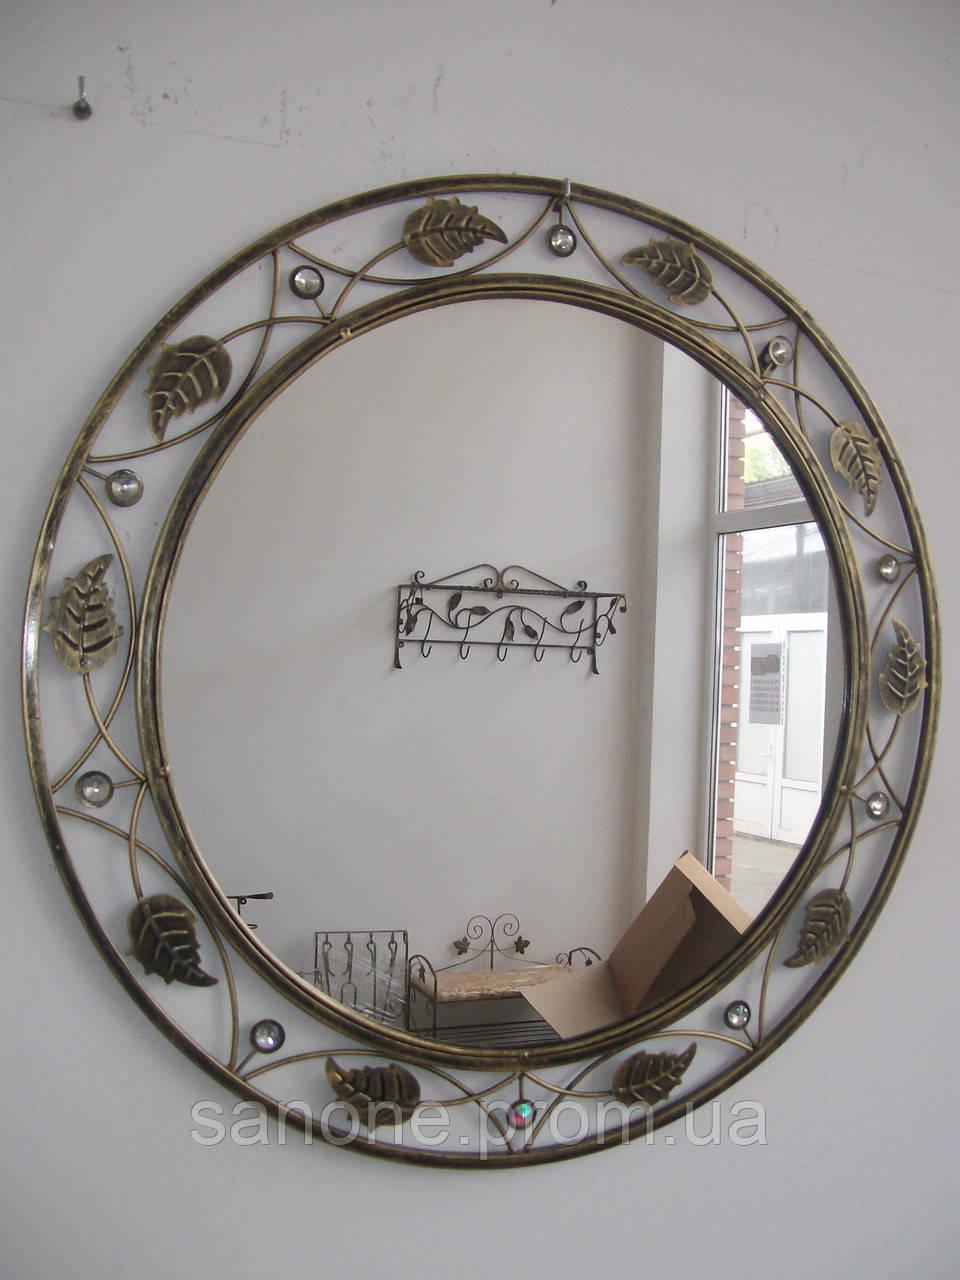 Кованое зеркало круглое большое.